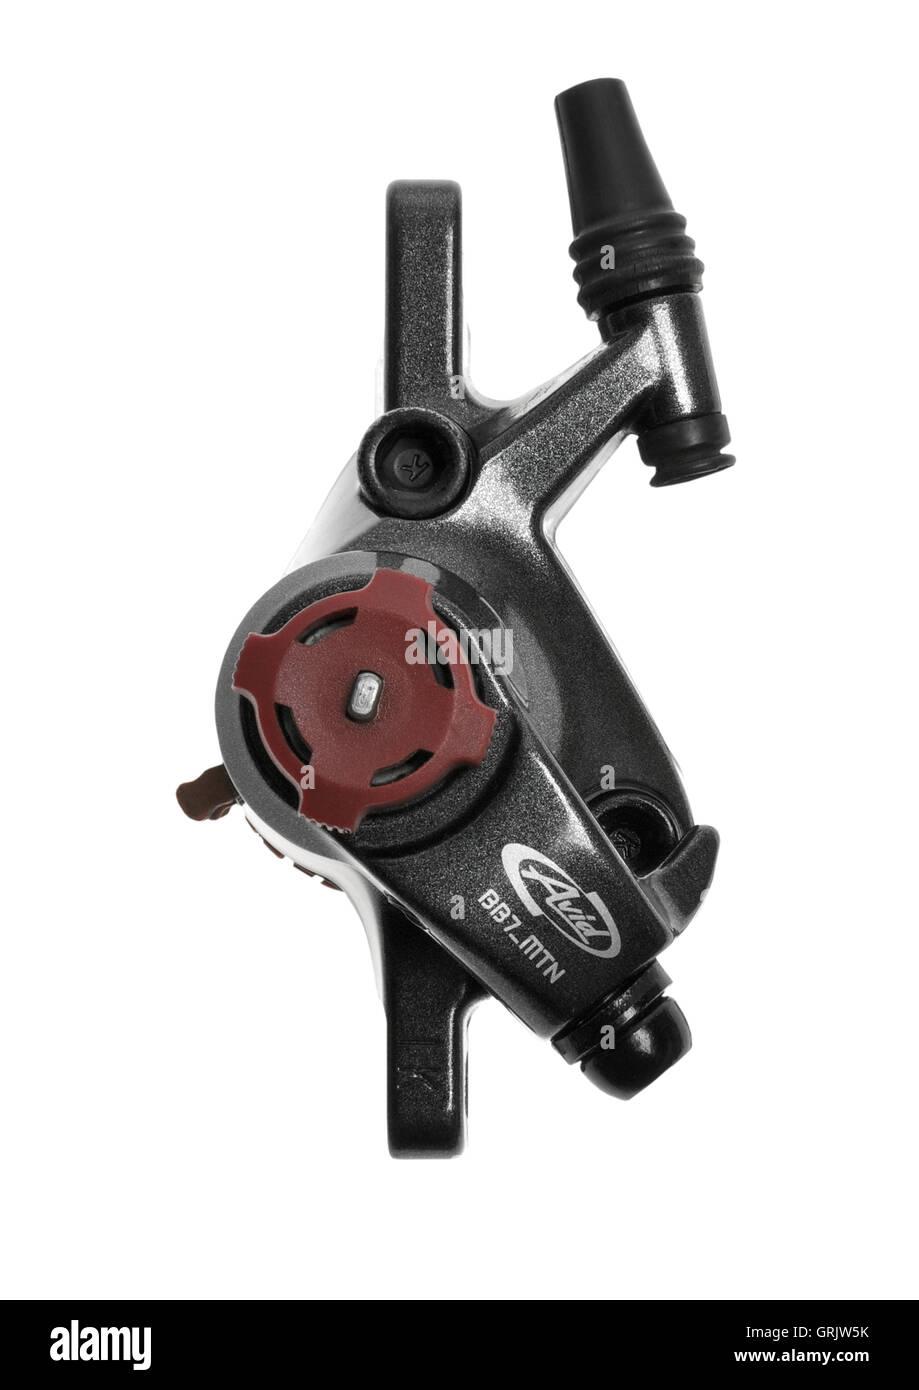 Avid BB7 disk brake caliper on white background - Stock Image